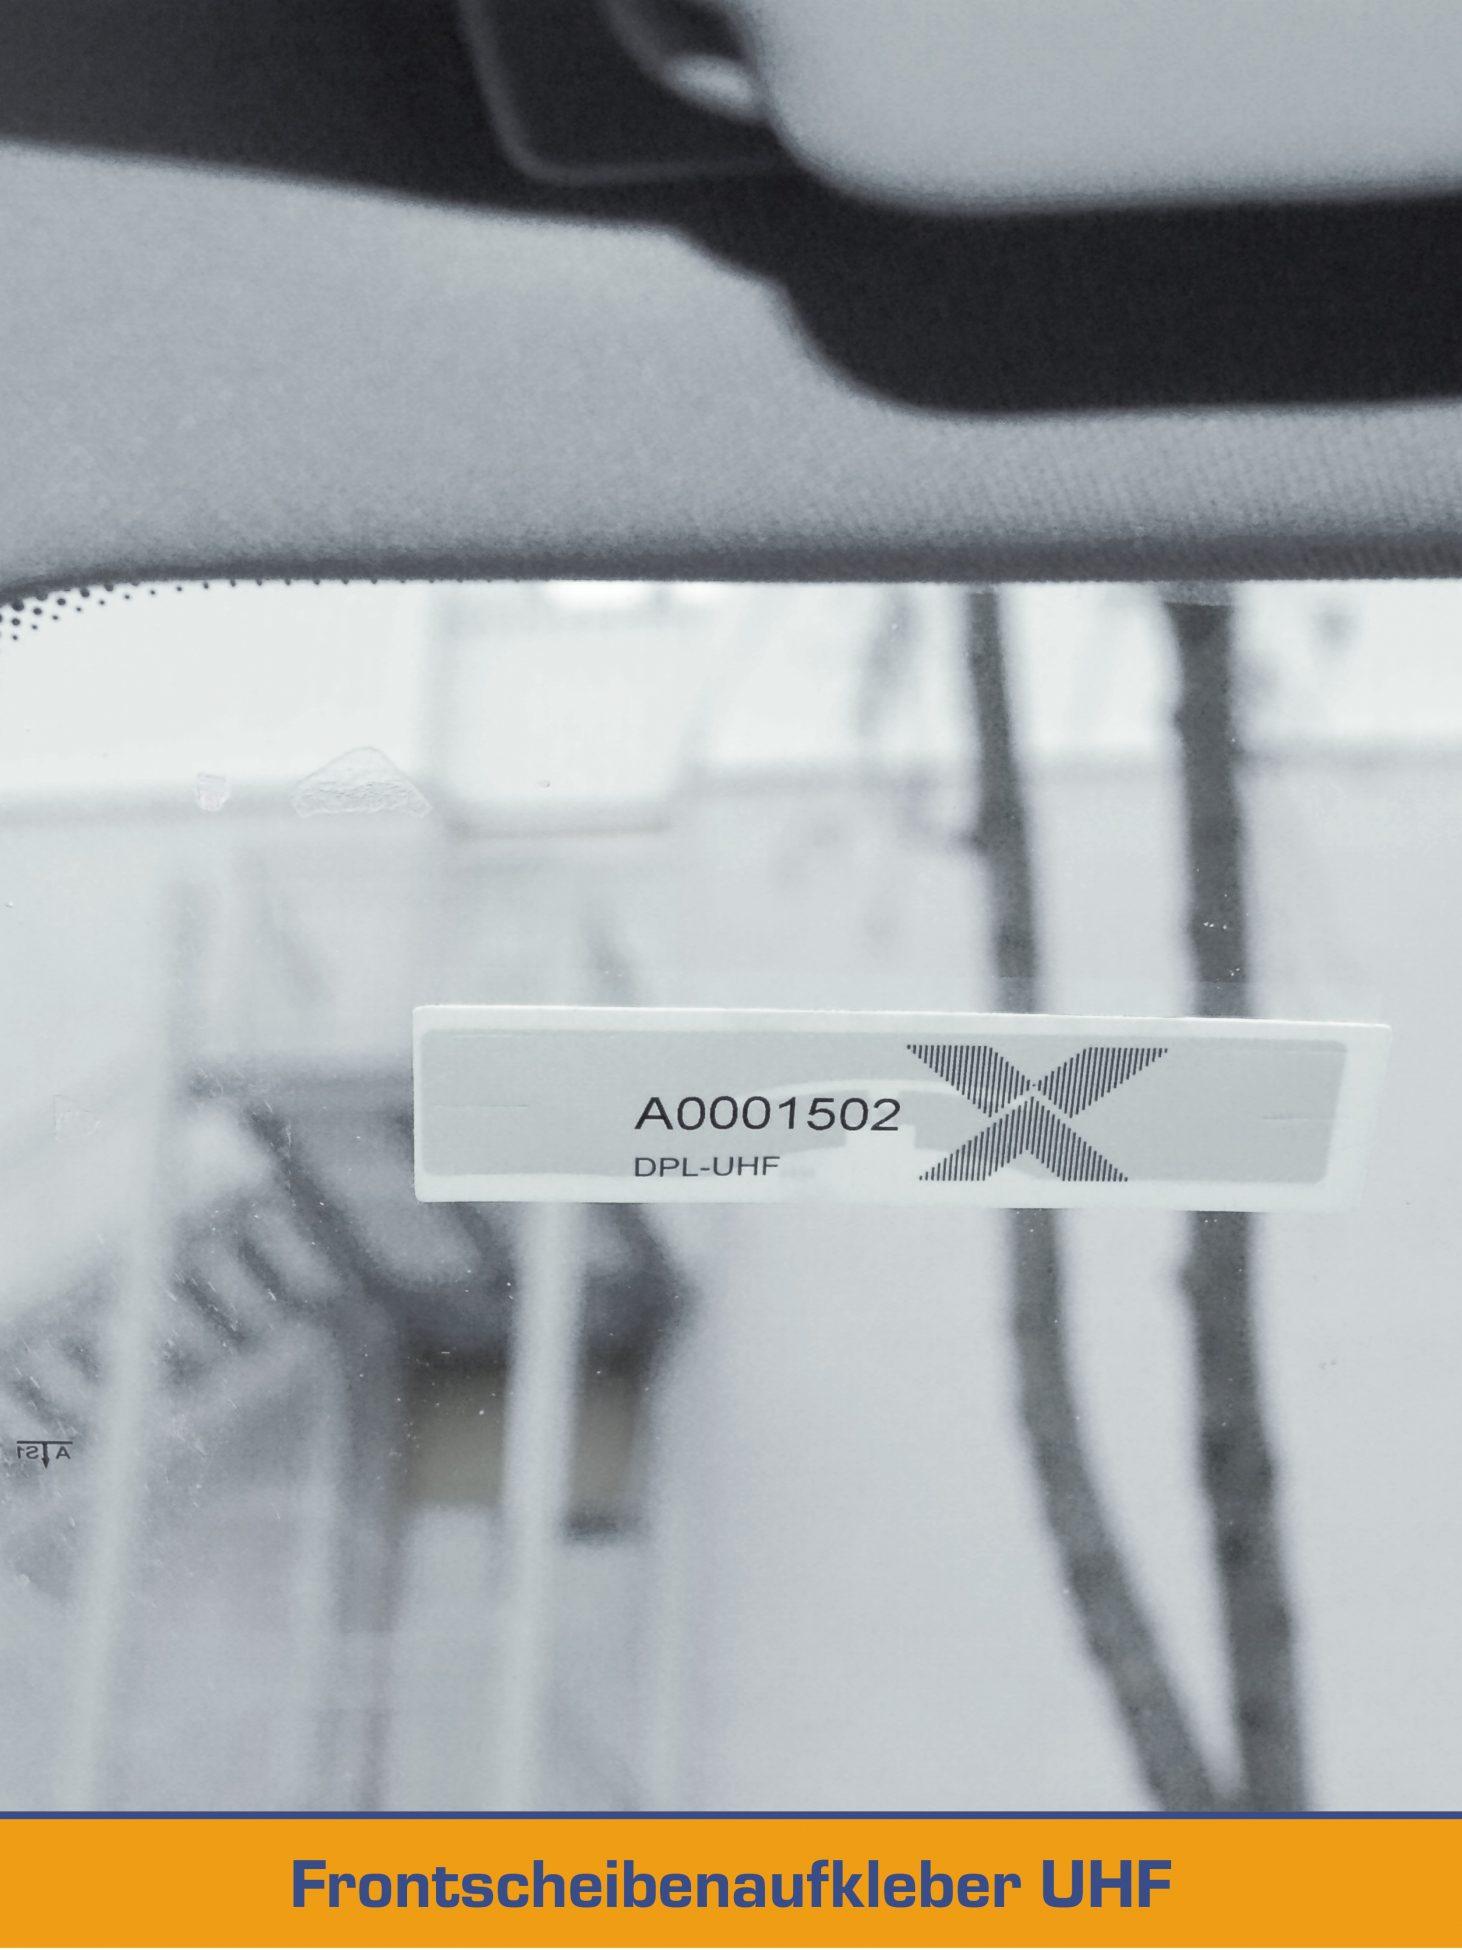 RFID Frontscheifenaufkleber UHF für Fahrzeuge